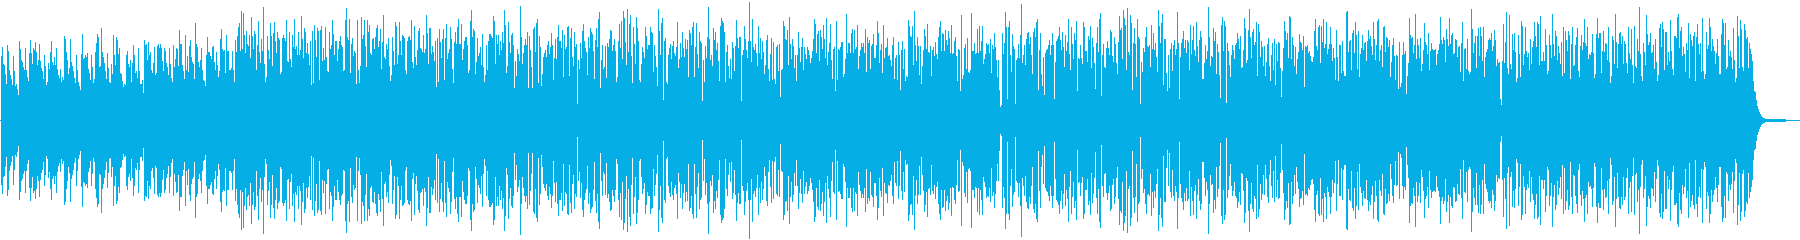 軽快なピアノトリオの再生済みの波形